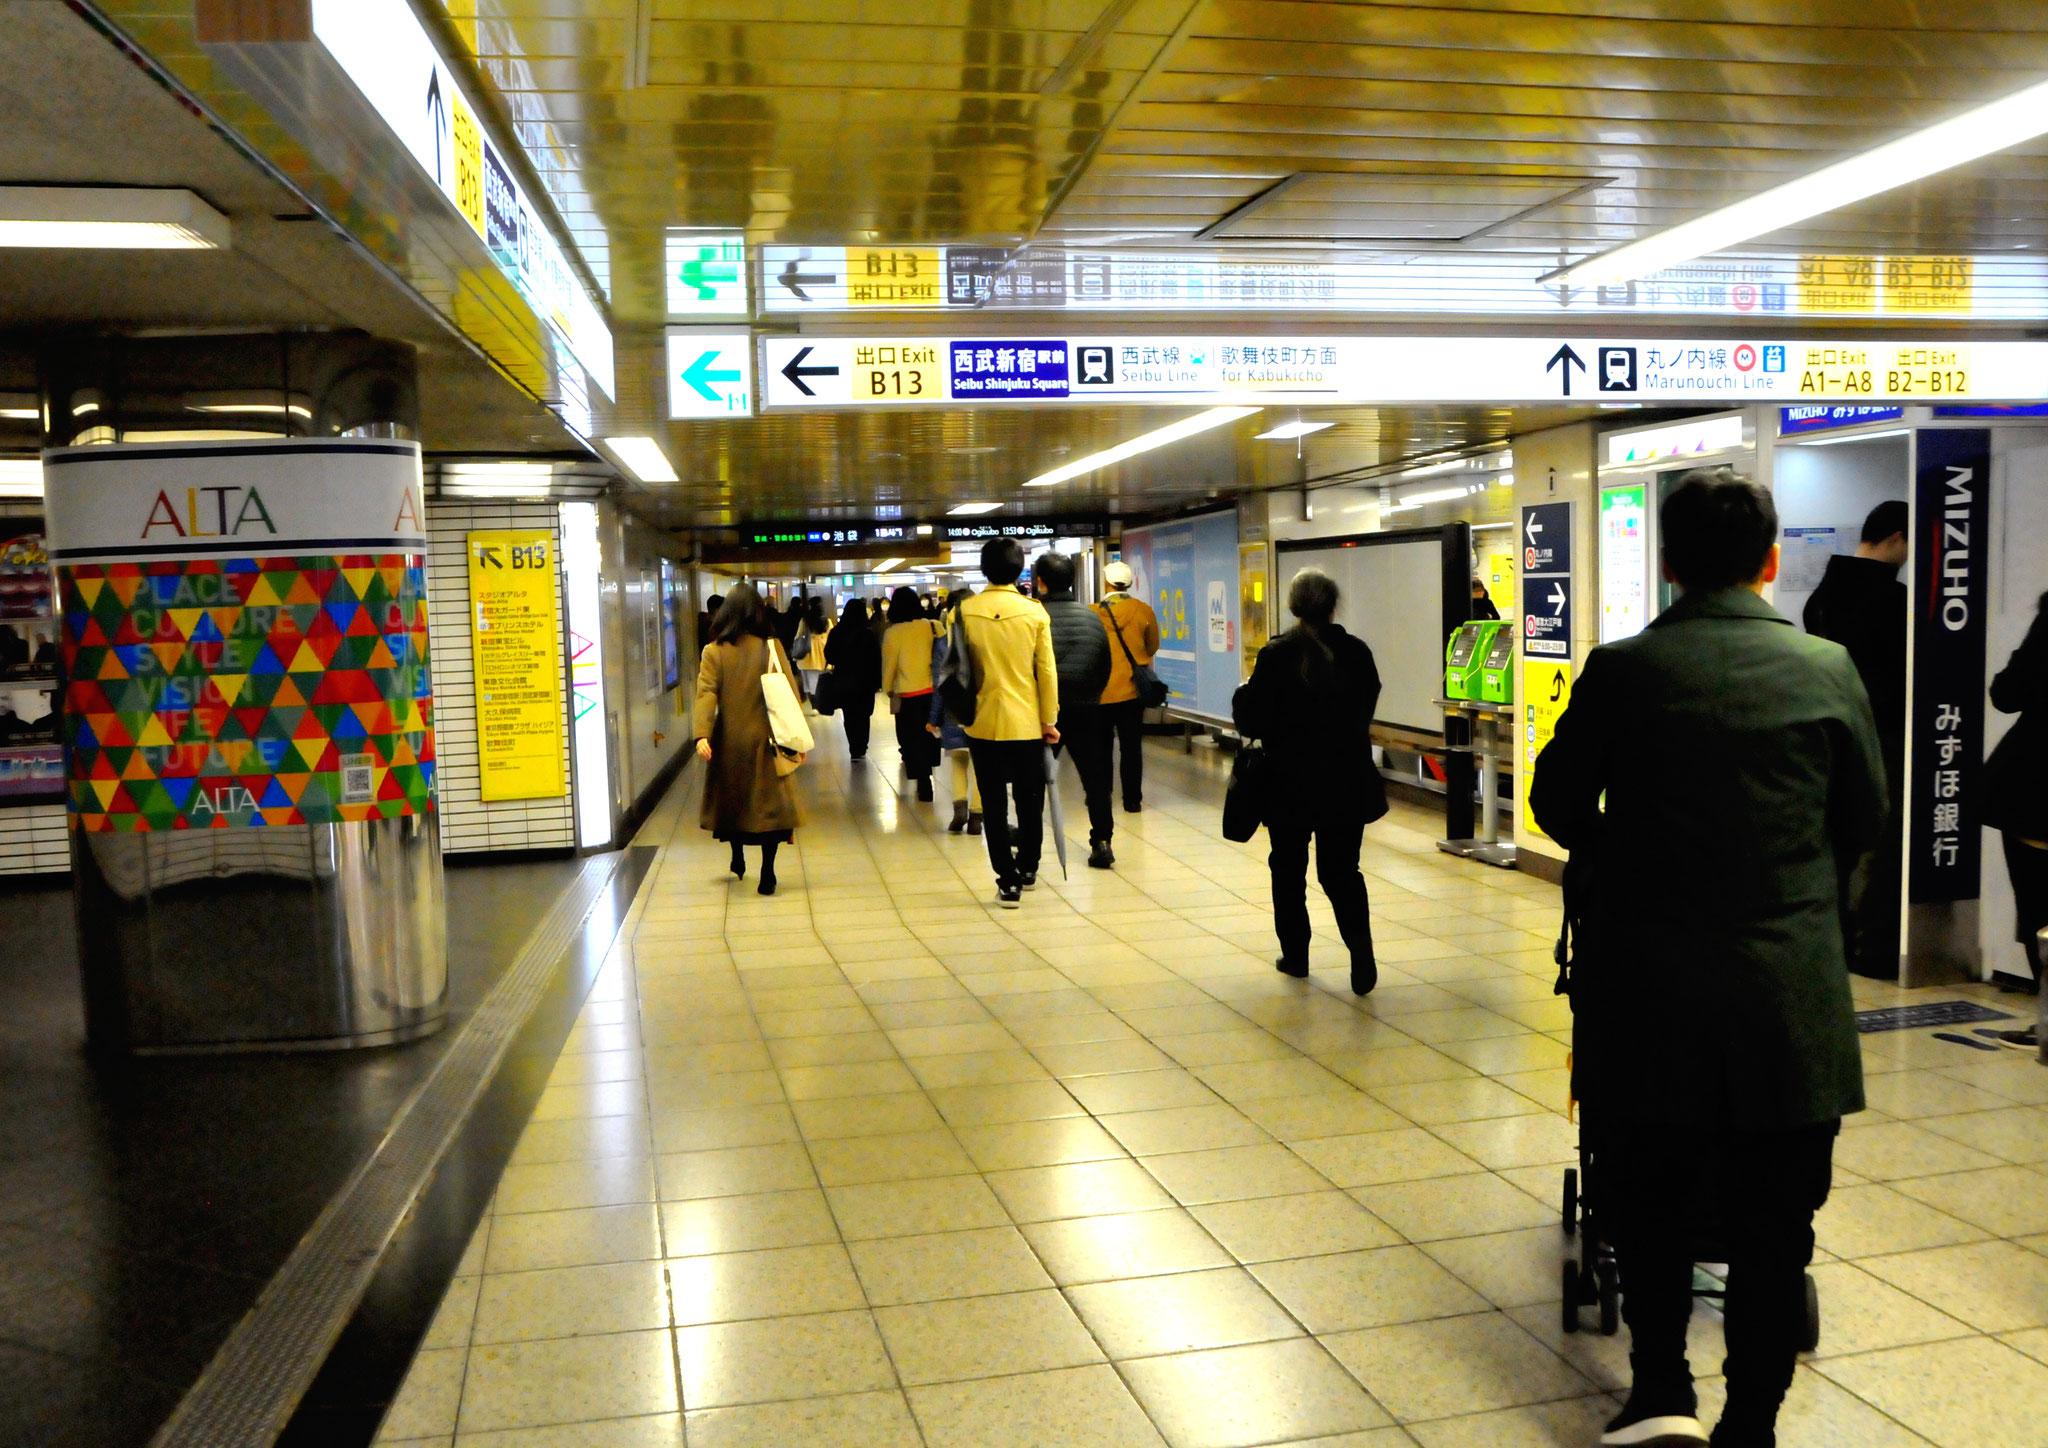 →③ALTA入口を通過し、新宿三丁目方面へ直進